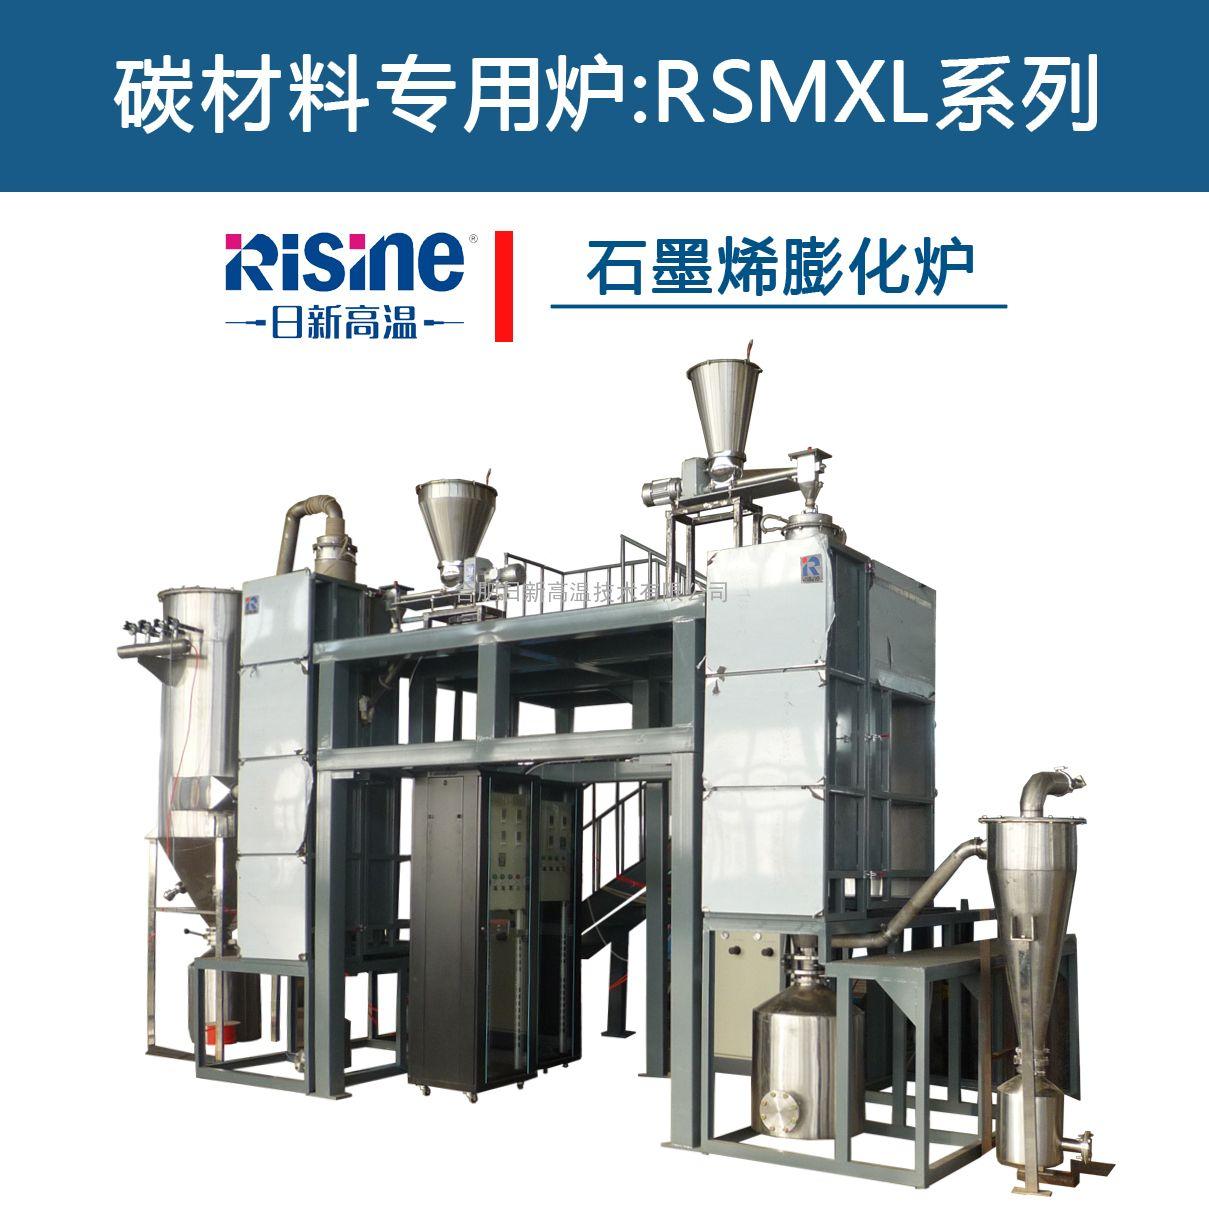 石墨烯成套生产线设备